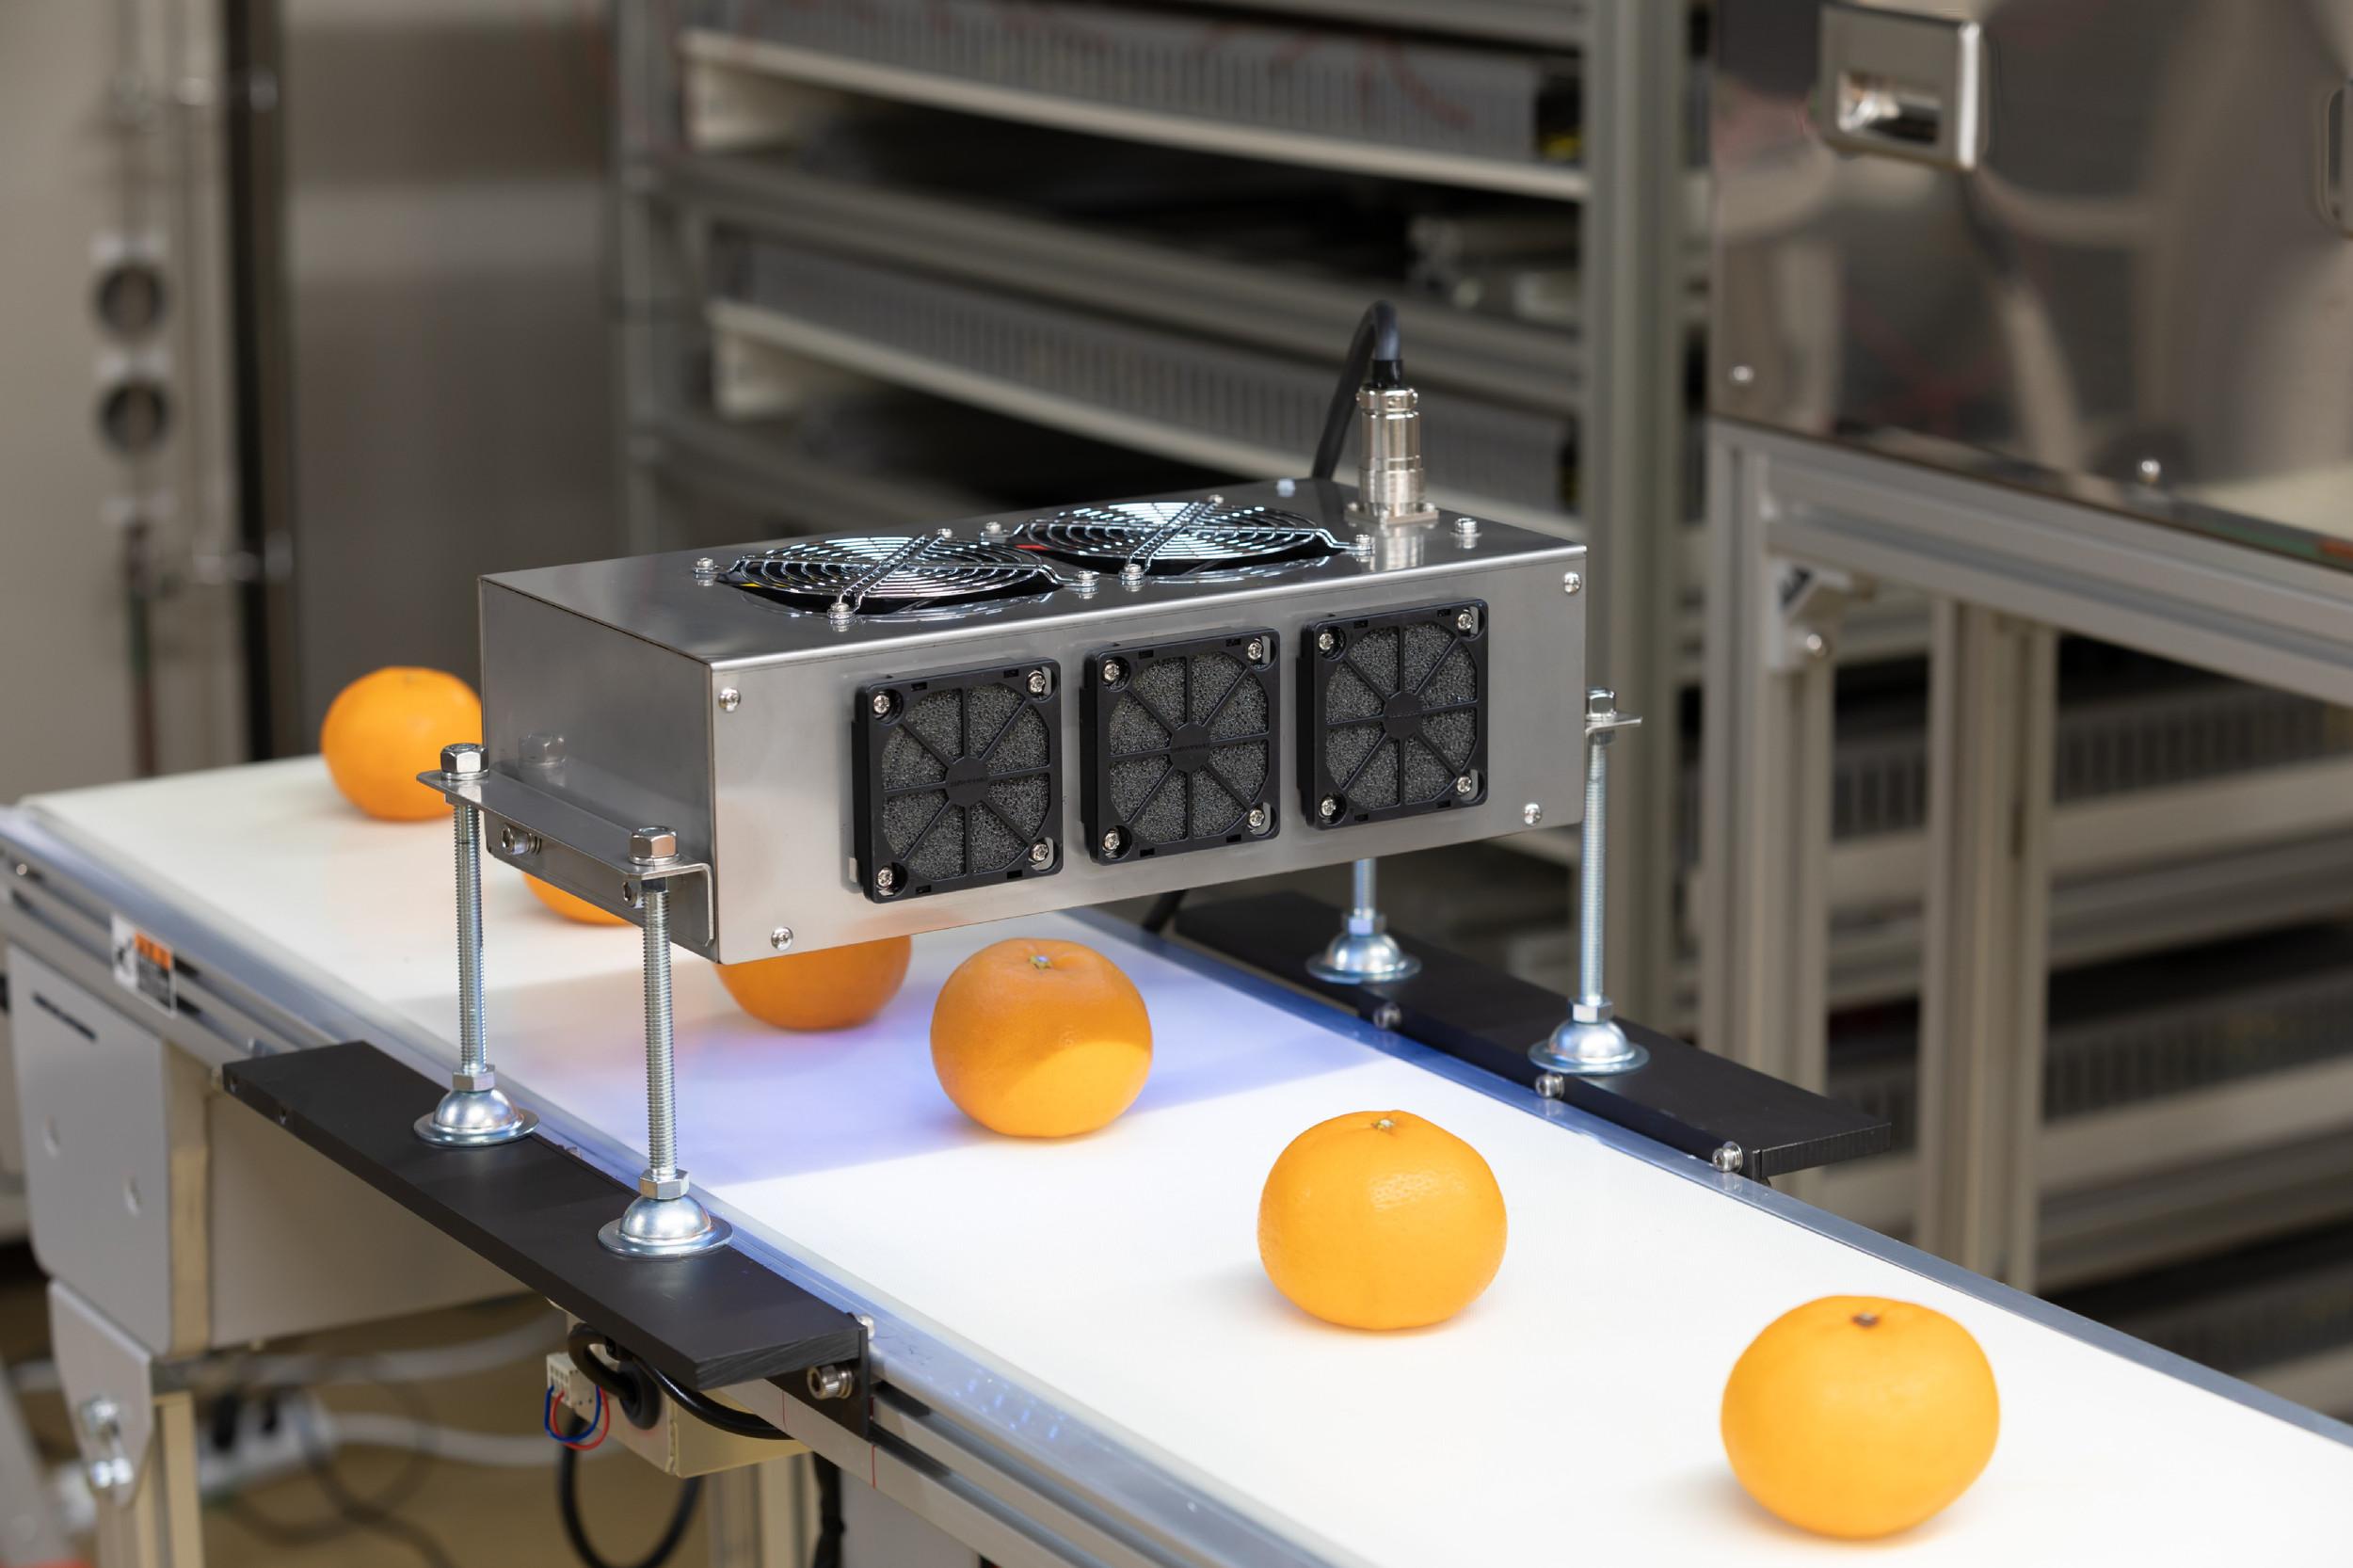 光の技術でフードロス解決に貢献 UV-LEDが照らしだす未来(前編)